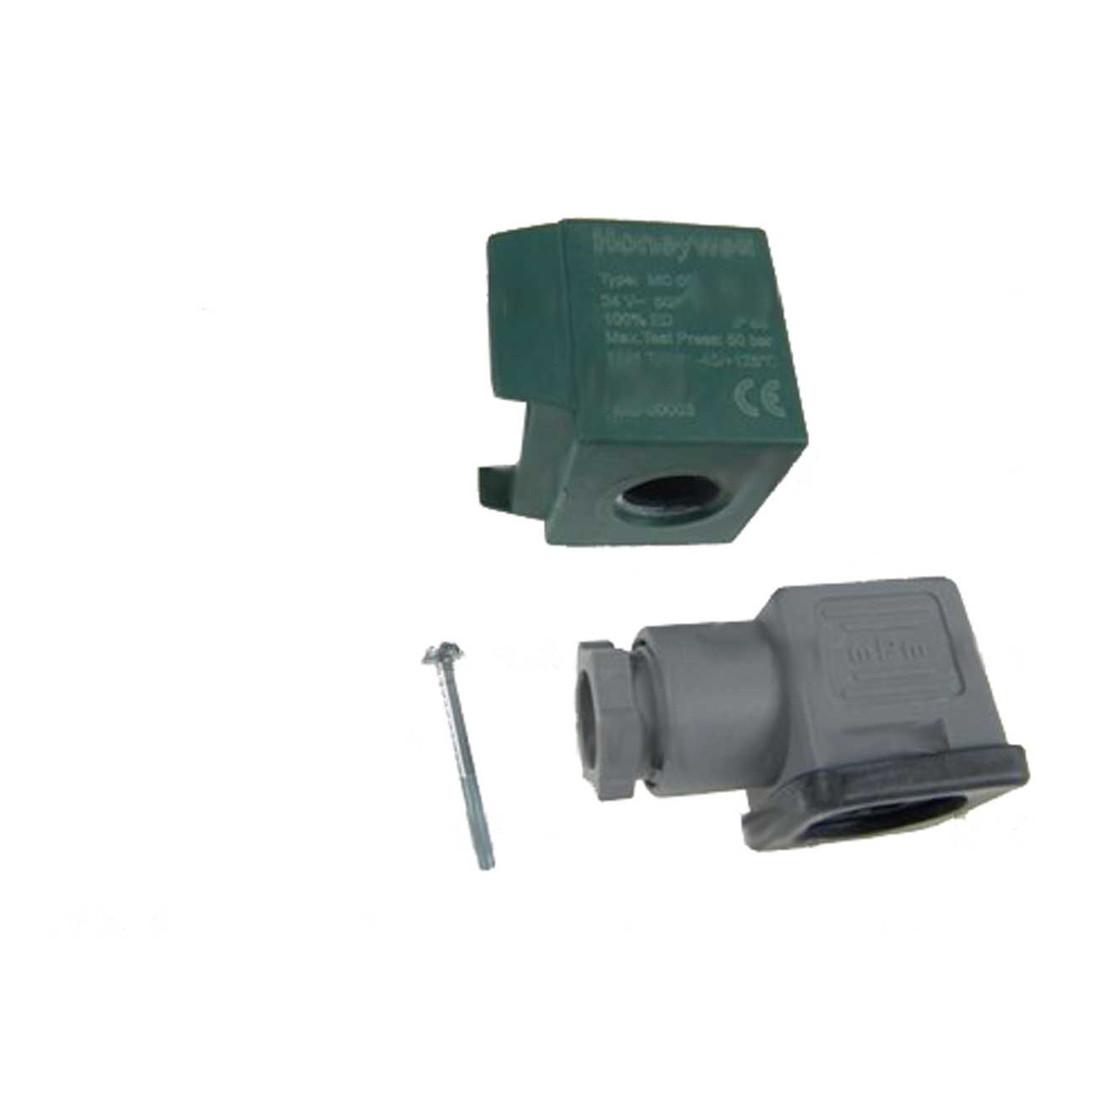 Magnetspule 230V 50//60Hz 8W Magnetventil